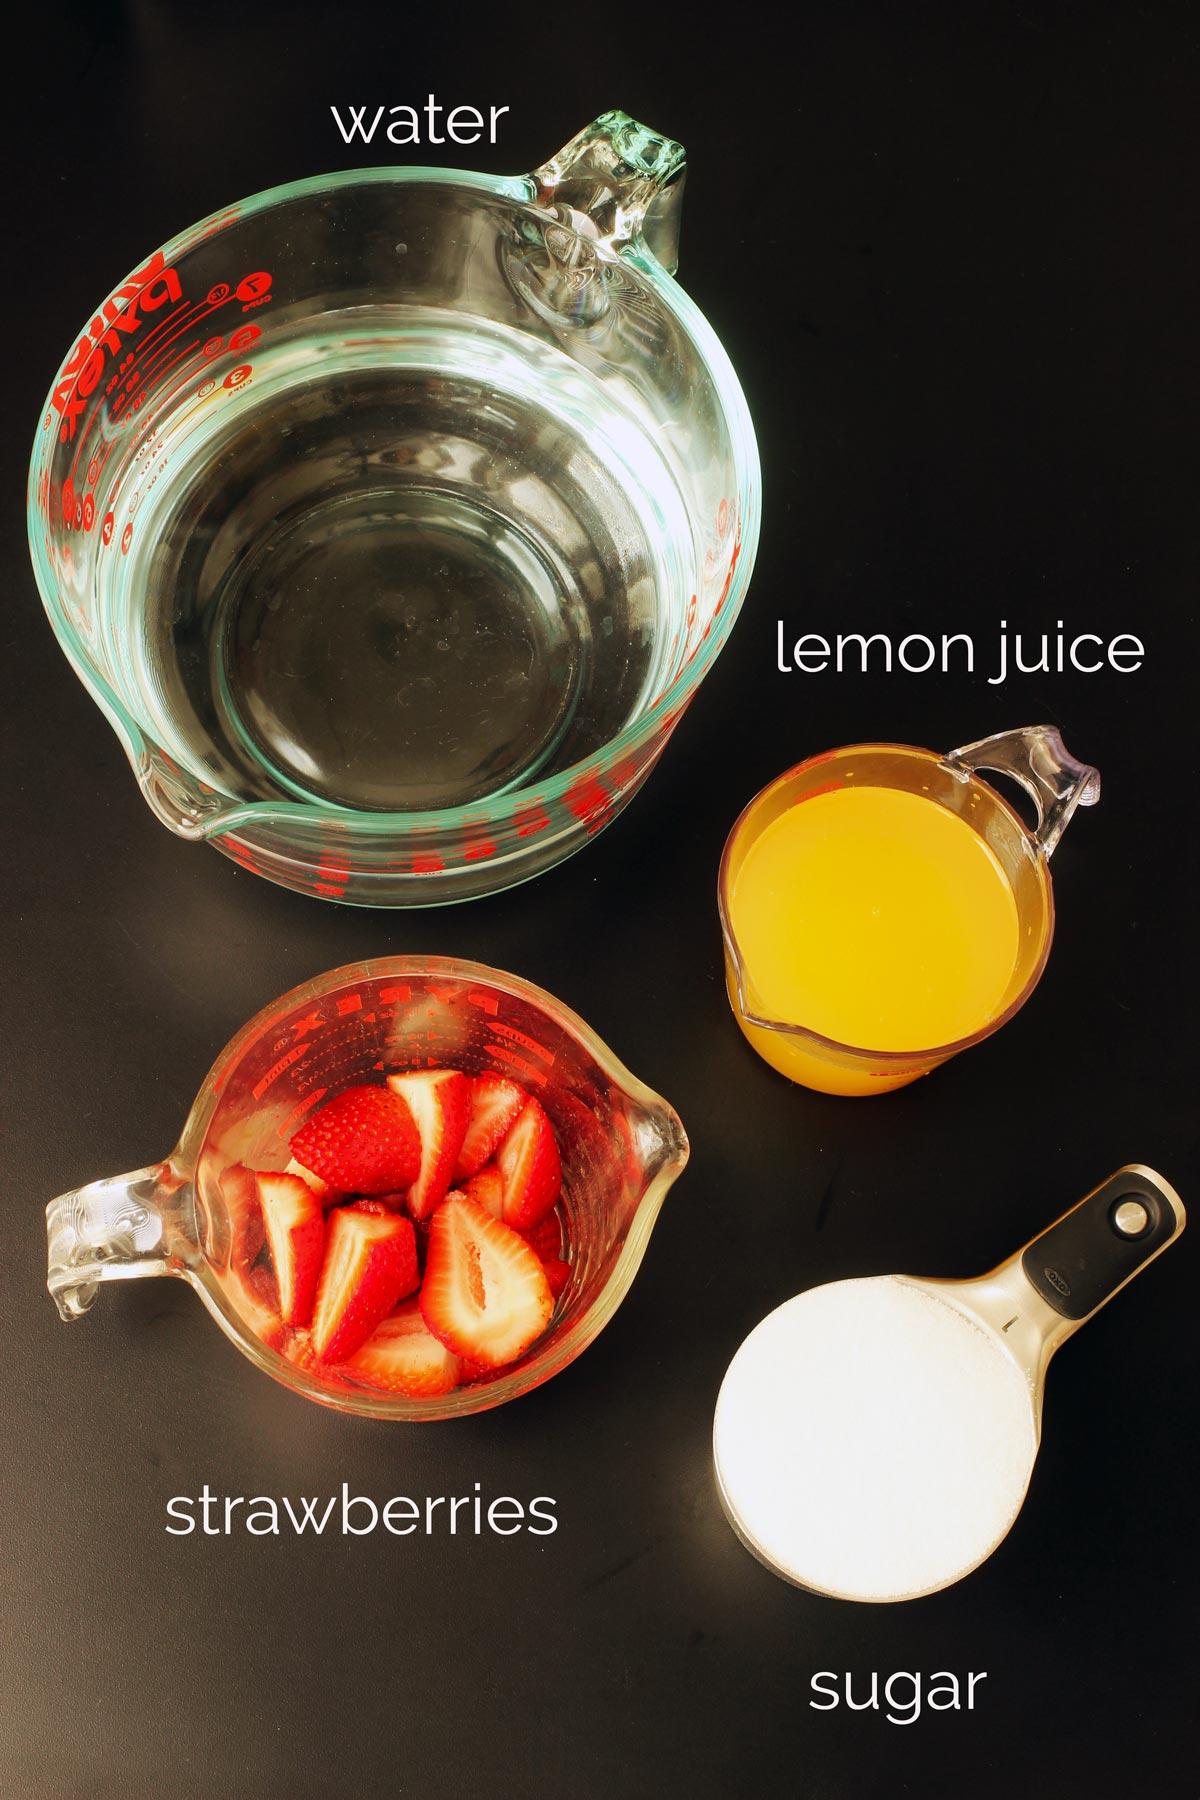 ingredients needed to make pink lemonade: strawberries, lemon juice, sugar, and water